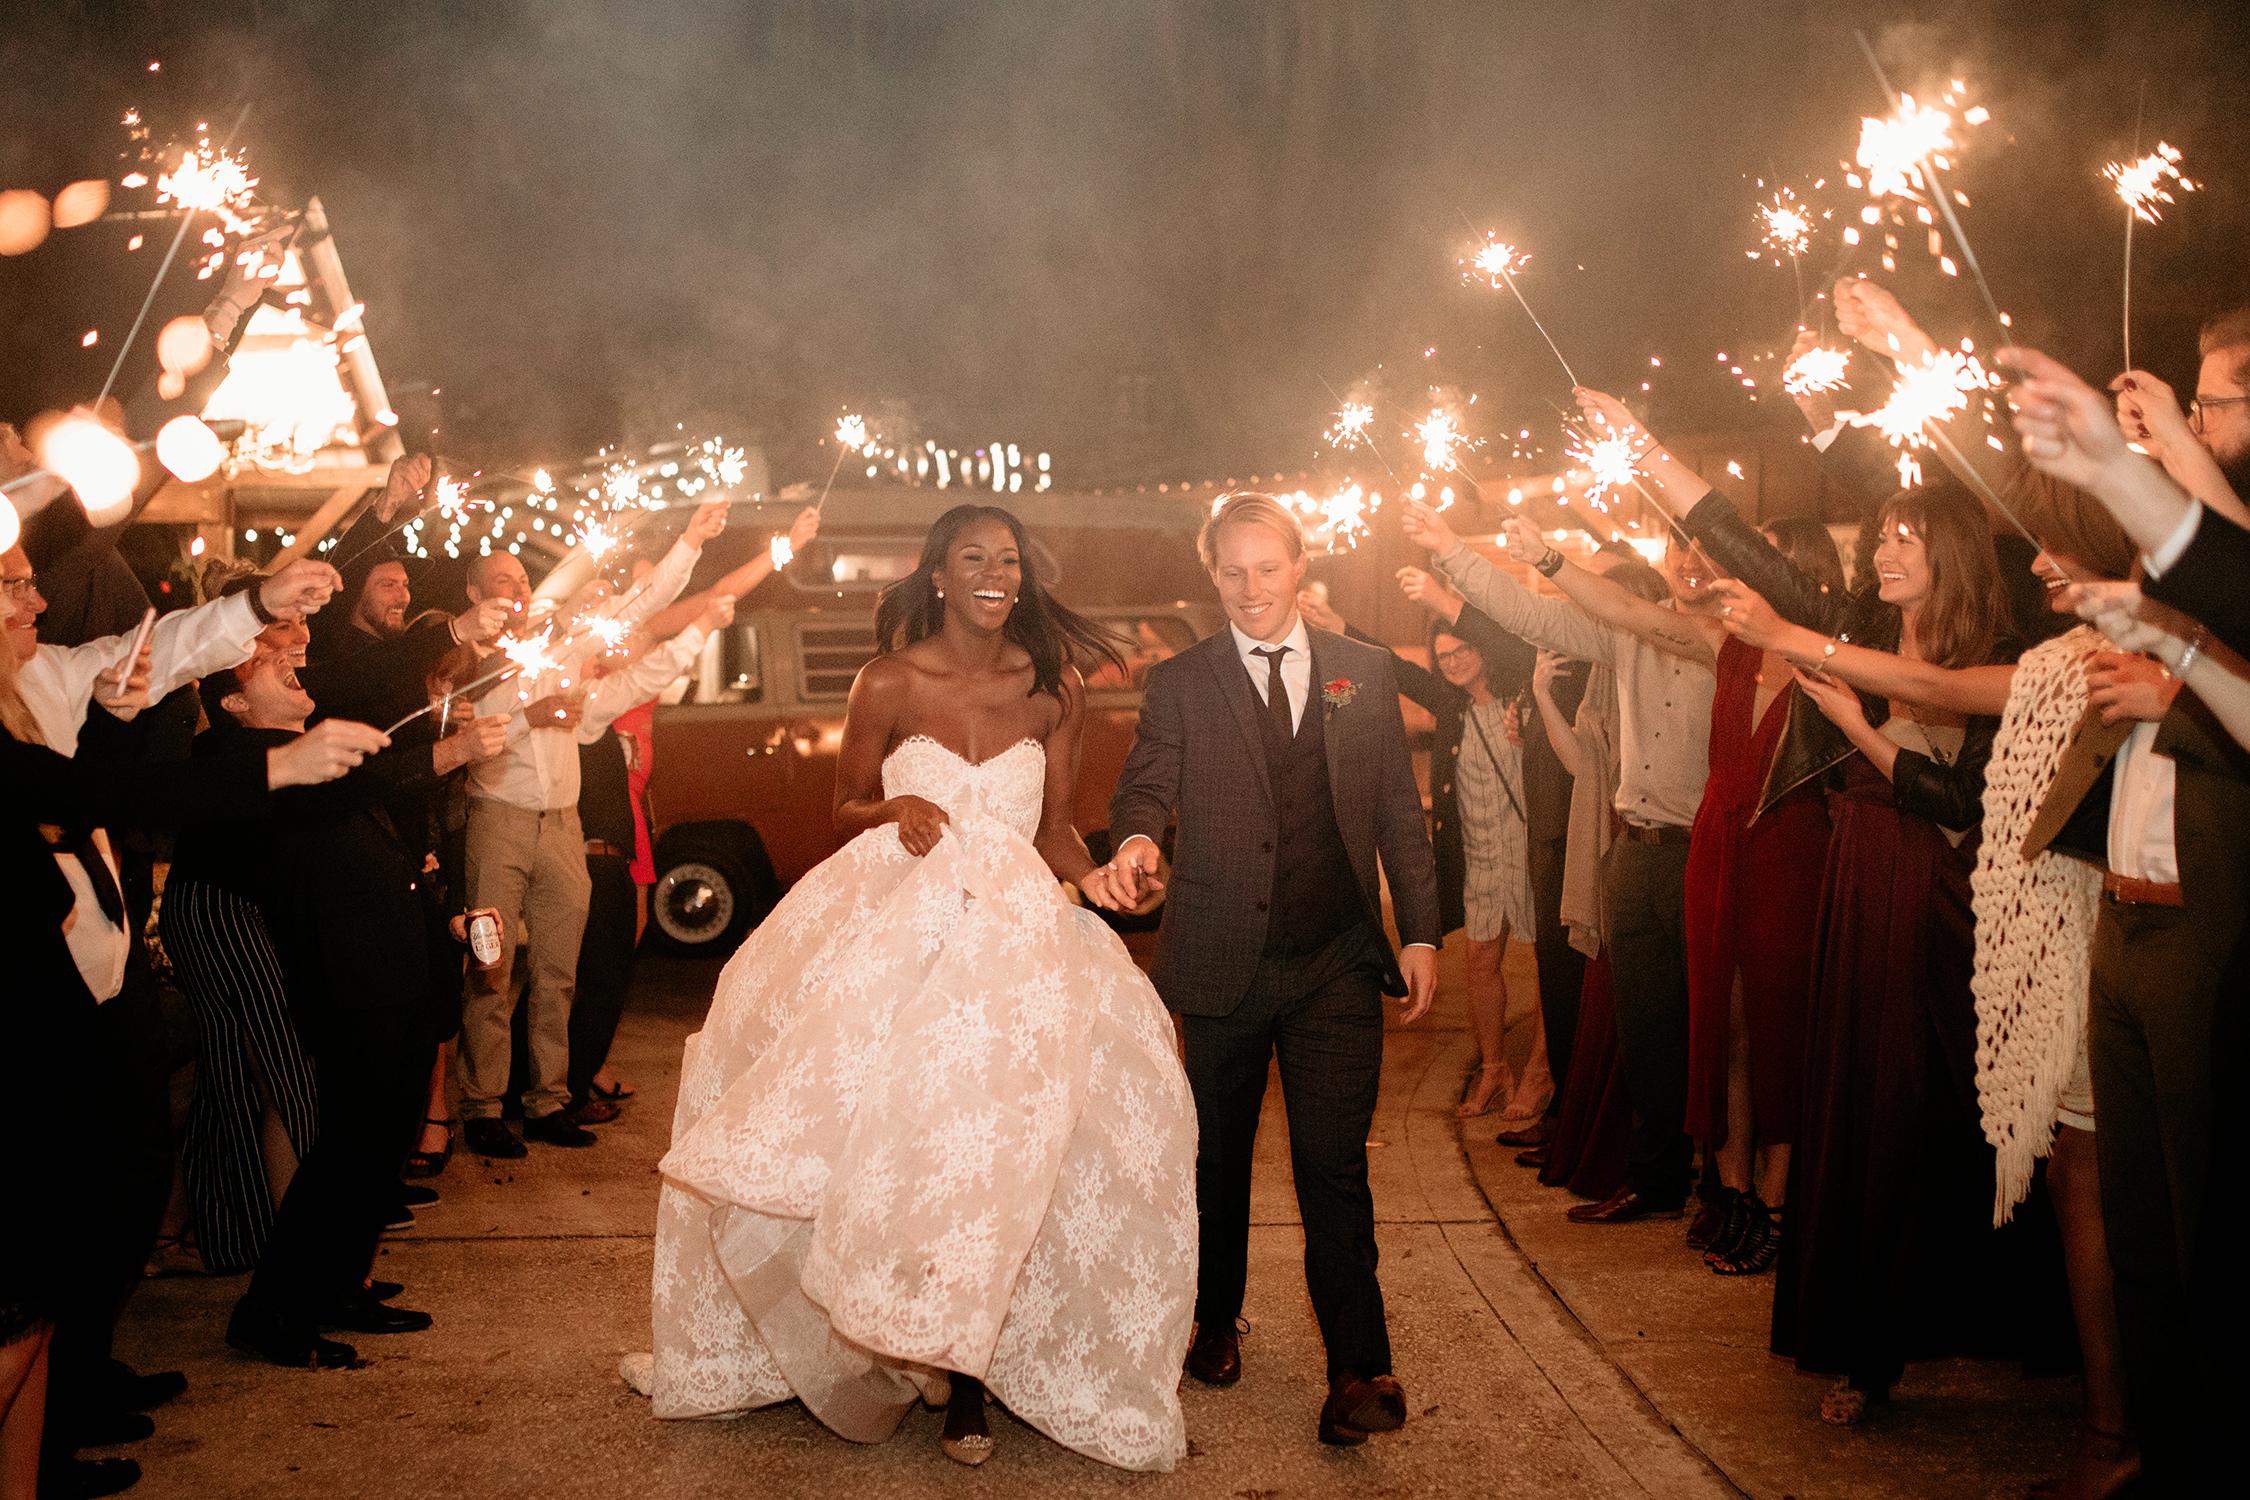 aerielle dyan wedding exit sparklers couple